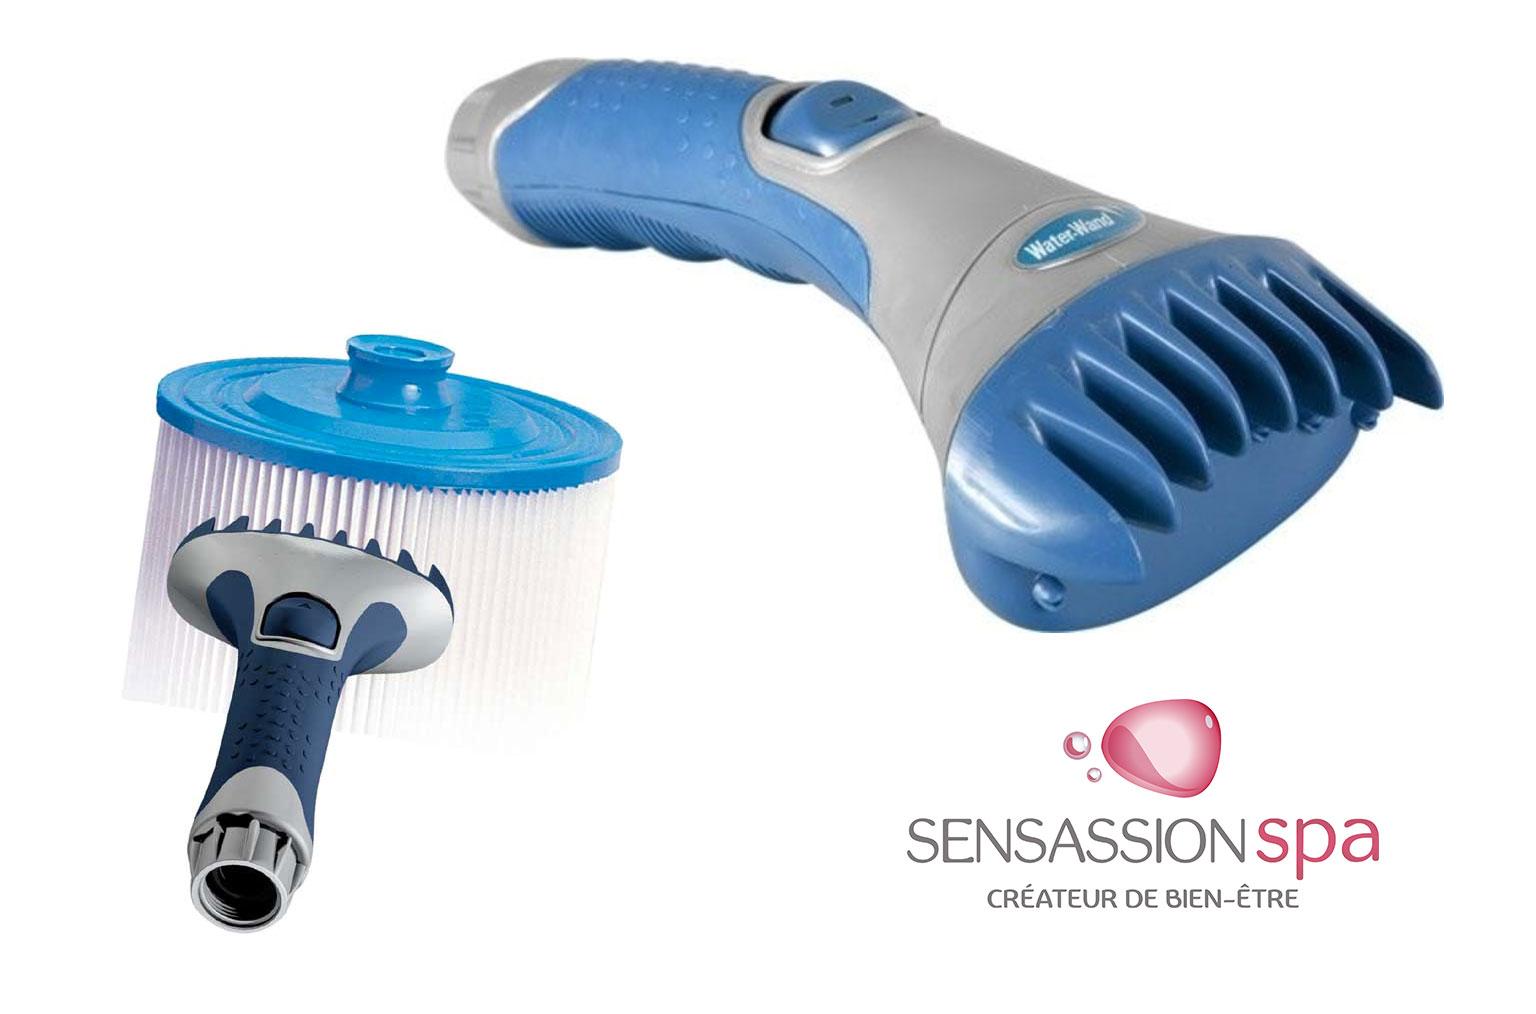 Peigne brosse nettoyage pour filtre cartouche de spa et jacuzzi